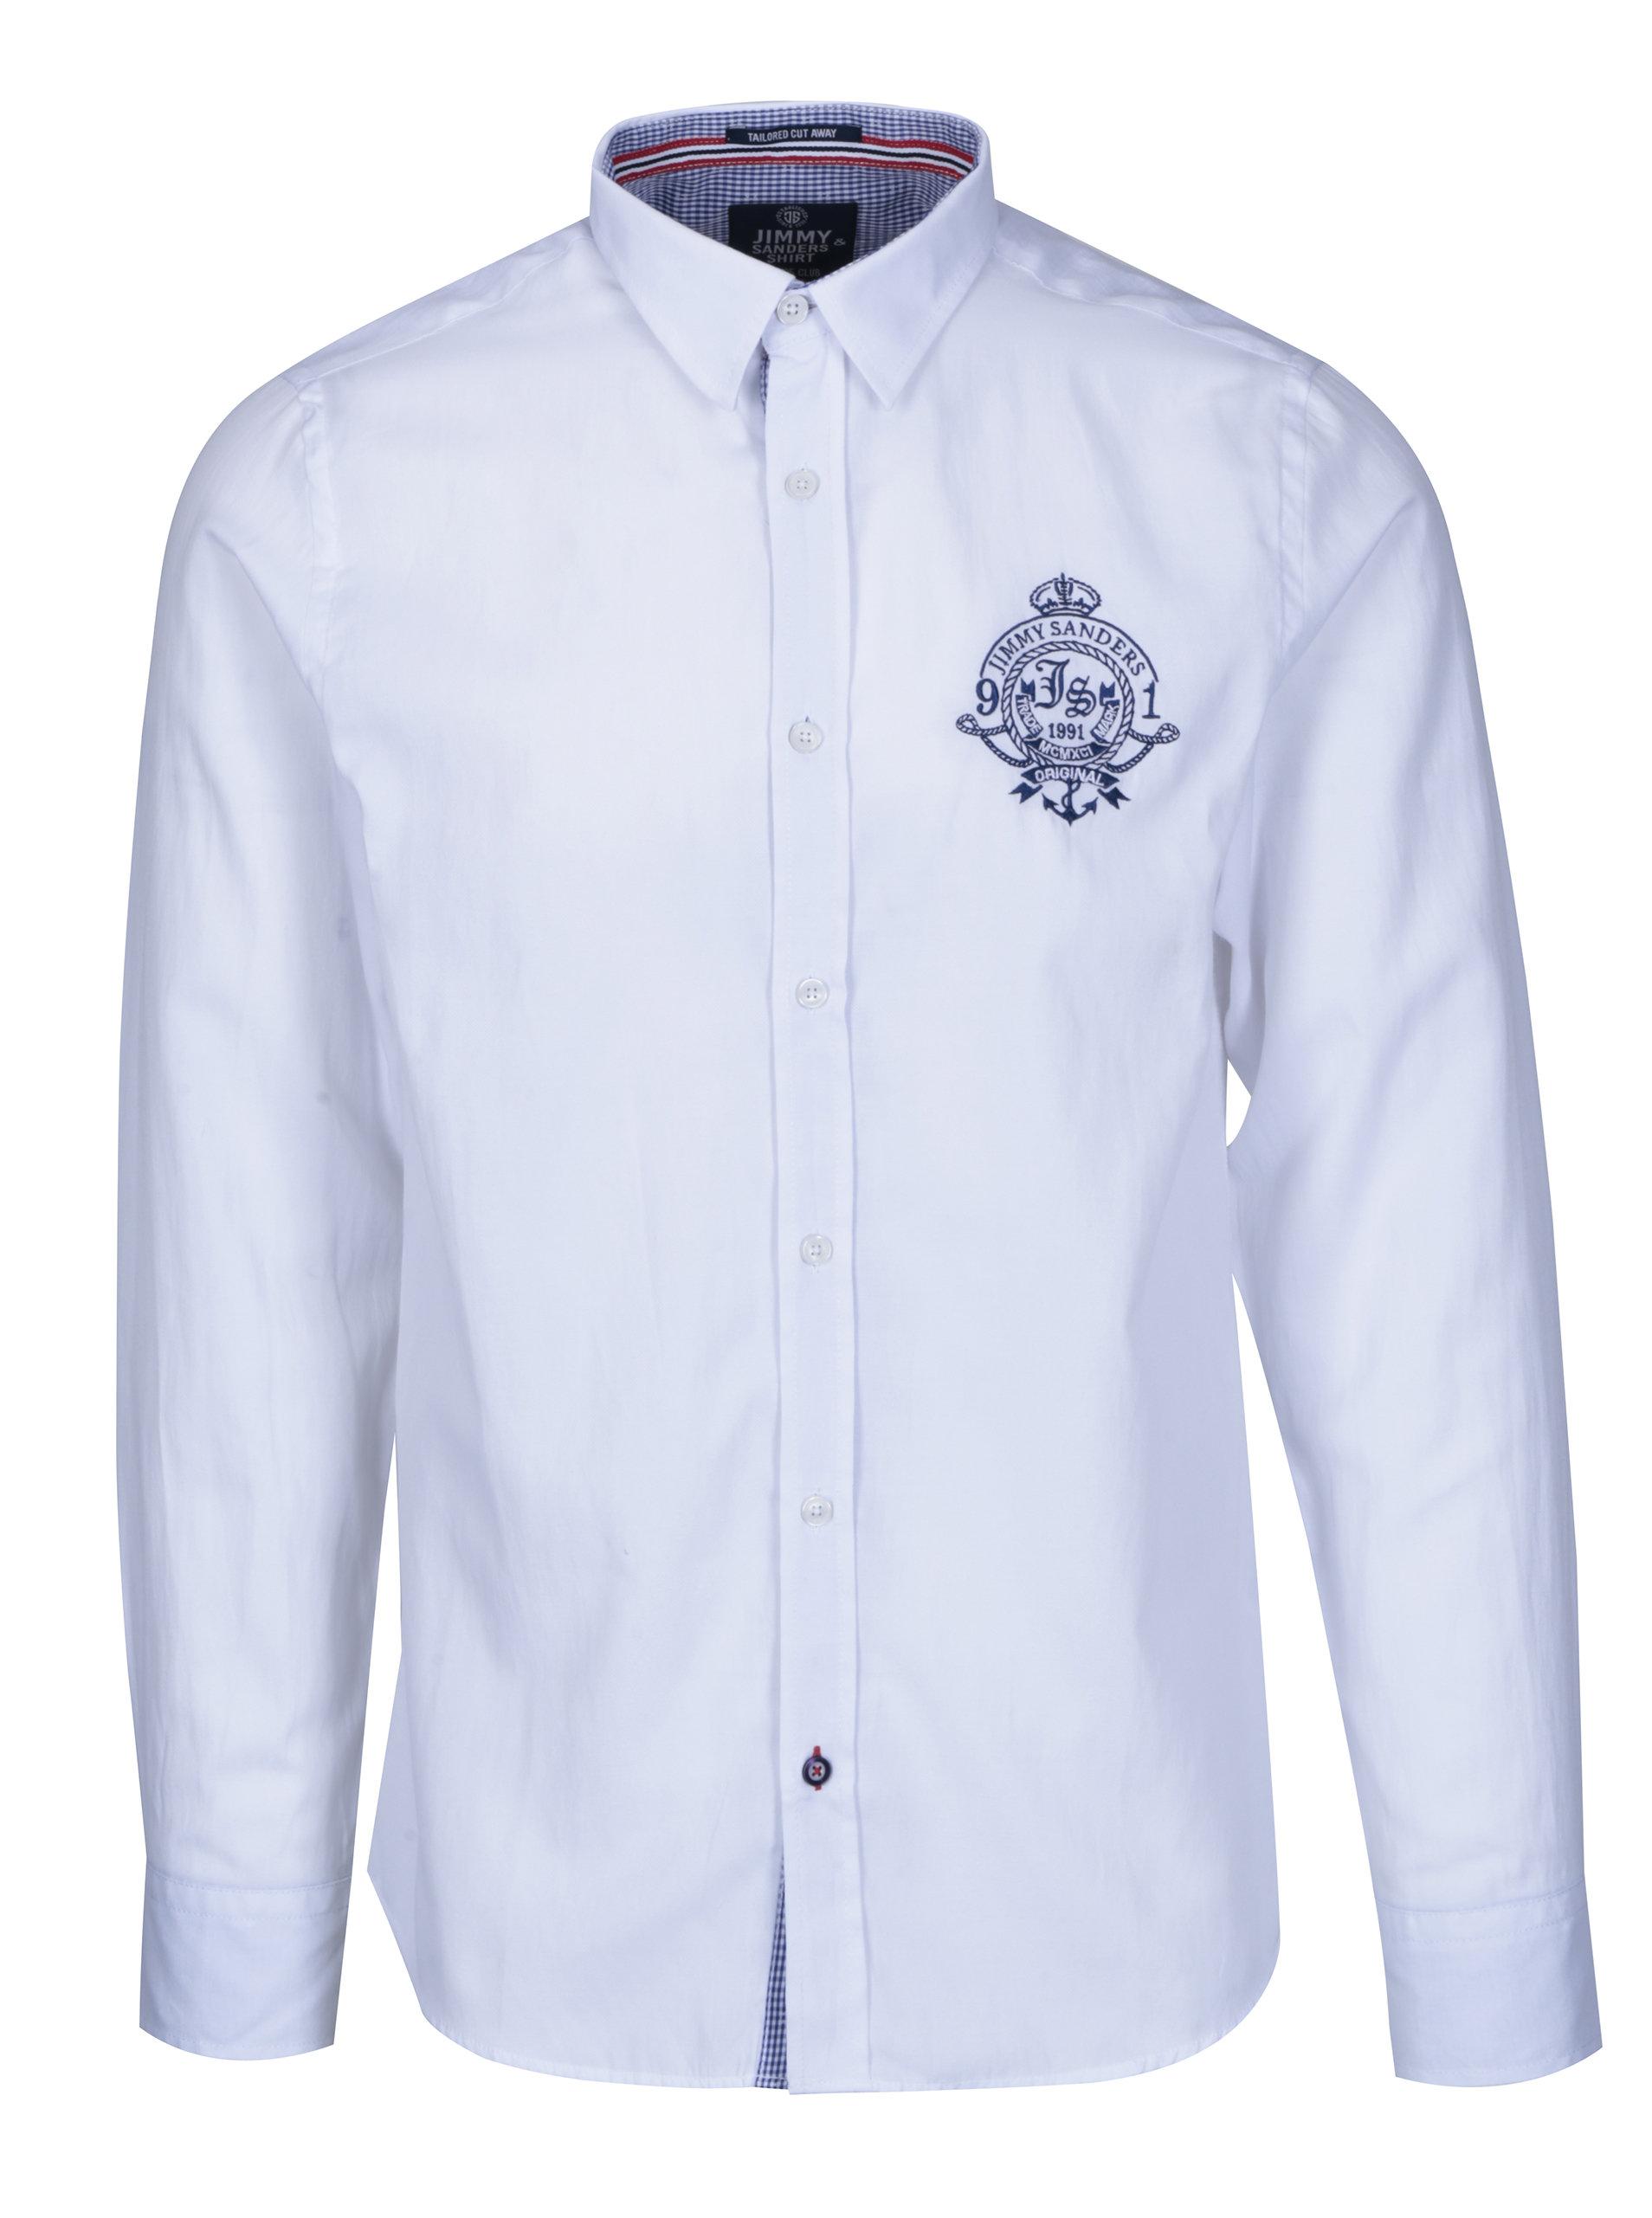 Bílá pánská košile s výšivkou Jimmy Sanders ... facf9fcaf3